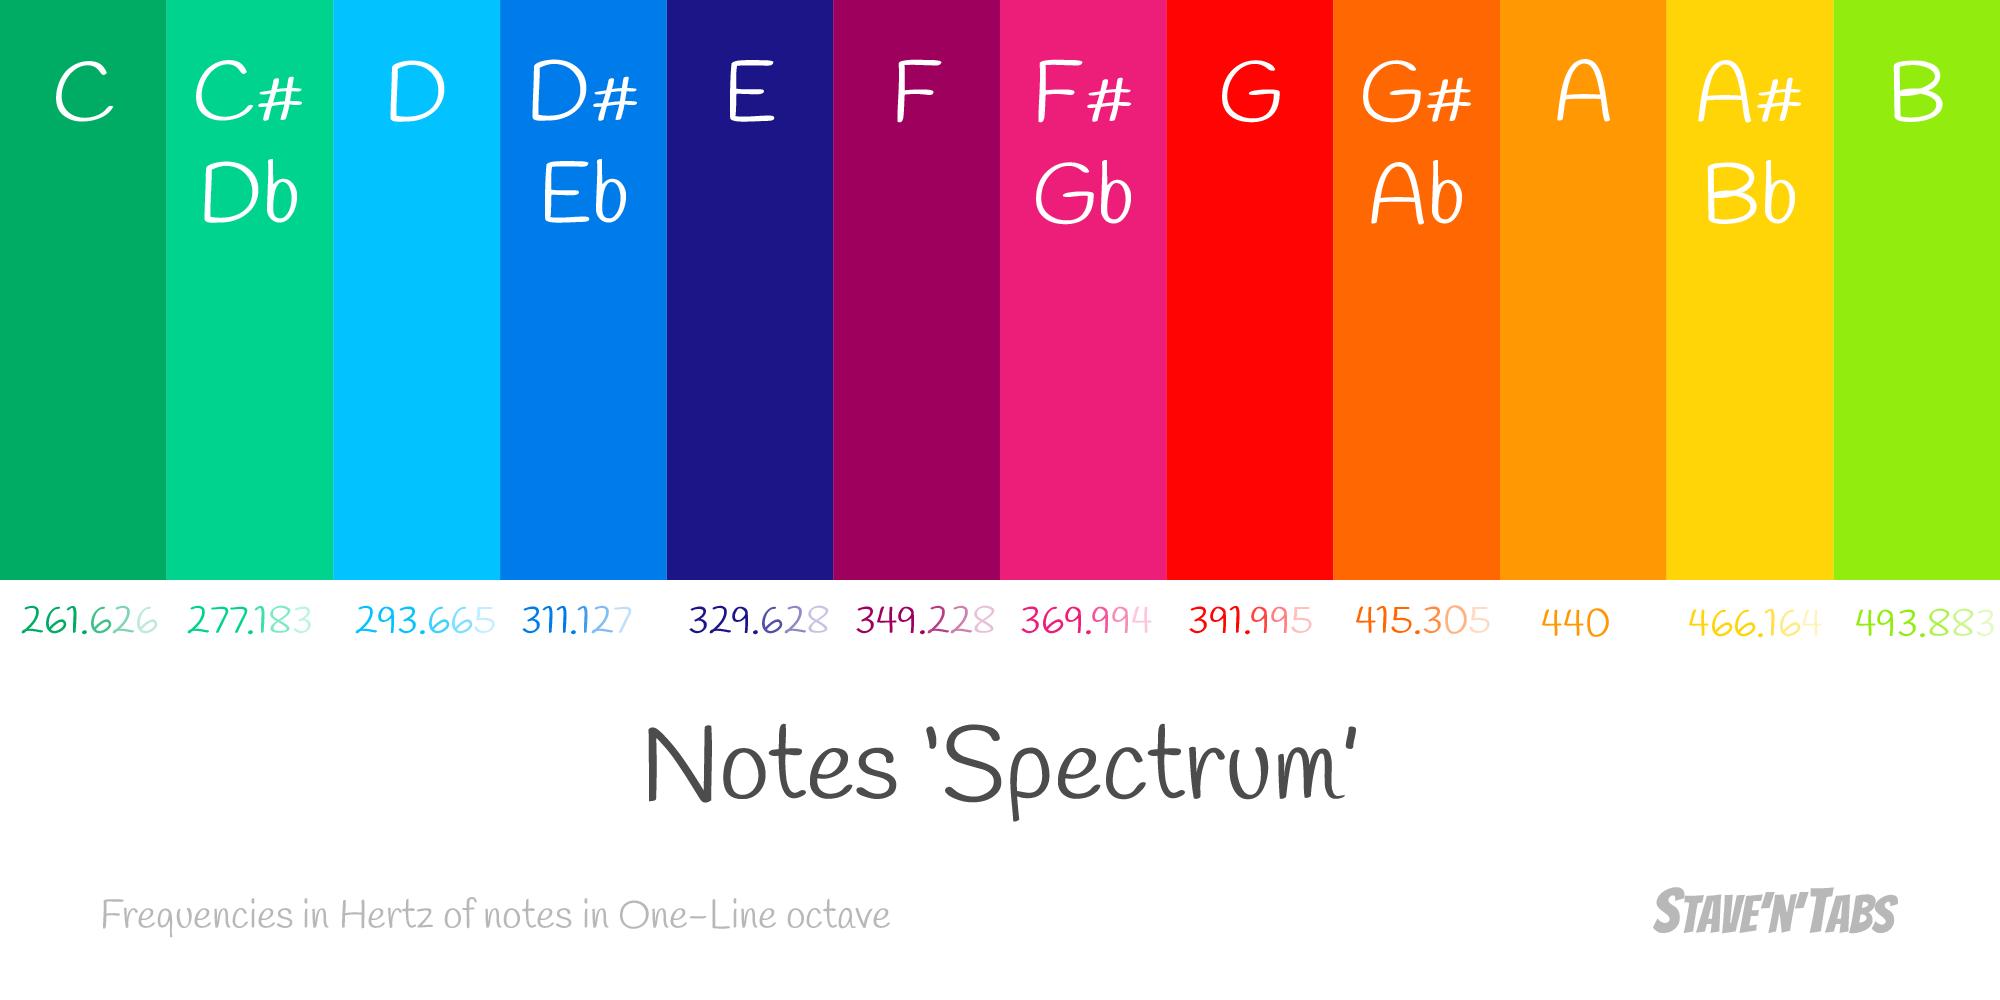 Notes spectrum